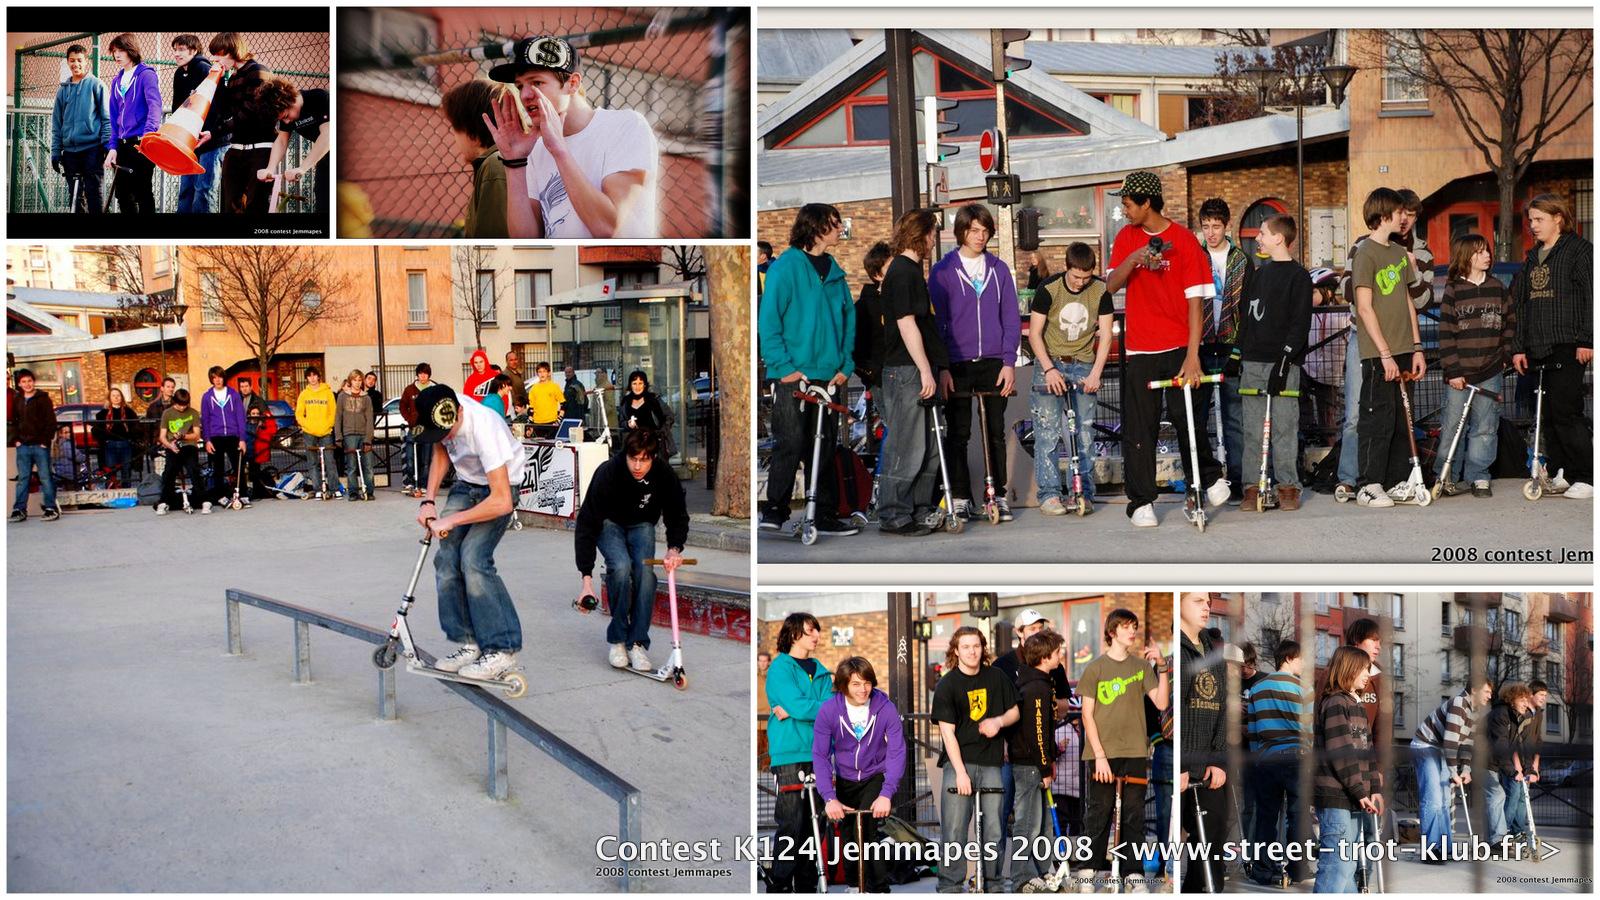 K124 contest à Jemmapes 01 07 2008